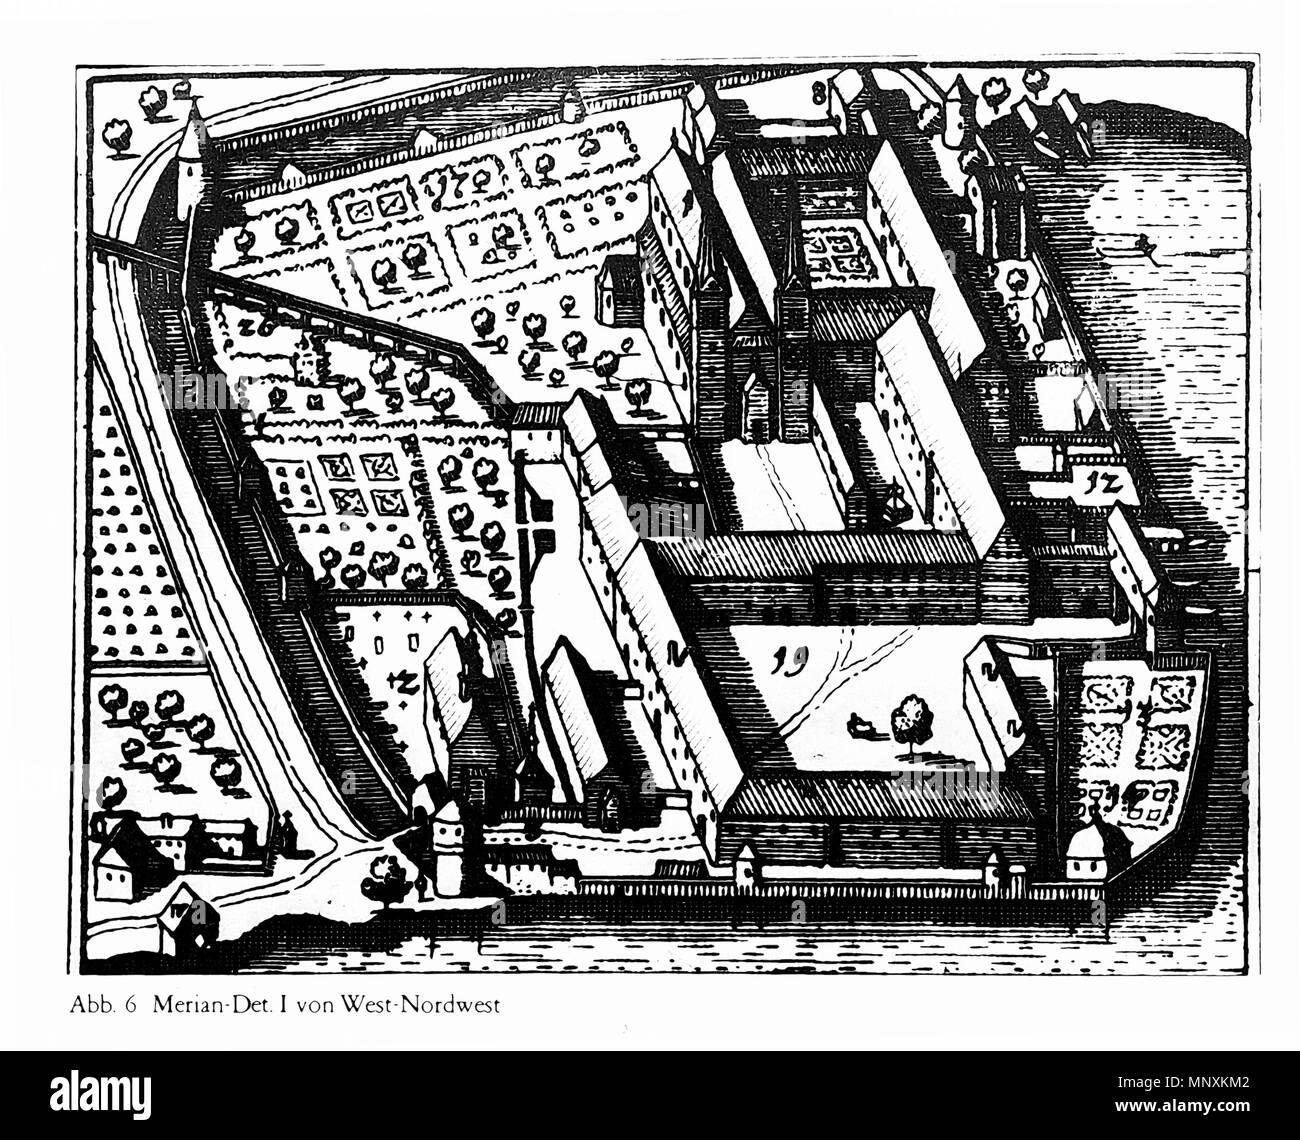 .  Deutsch: Kloster Tegernsee, Ansicht von West-Nordwest, Detaildarstellung in Matthäus Merian: Topographica Bavaria, 1644 . 1644.   1164 Tegernsee Merian-LF Stock Photo